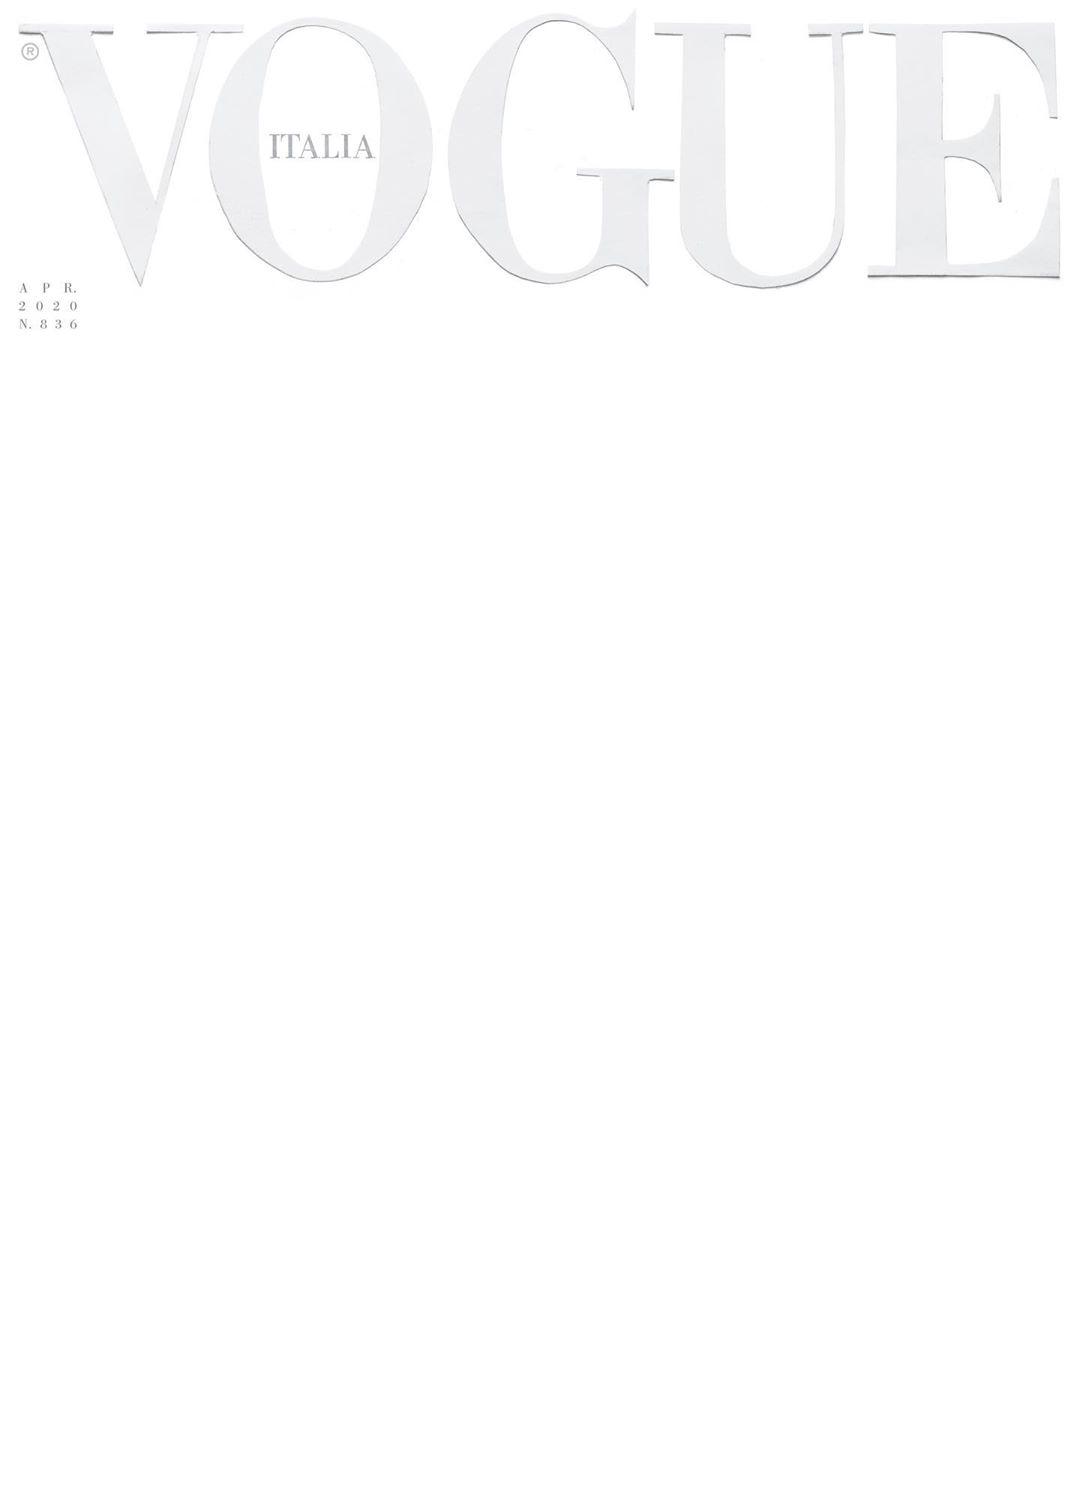 Обложка апрельского выпуска Vogue Italia